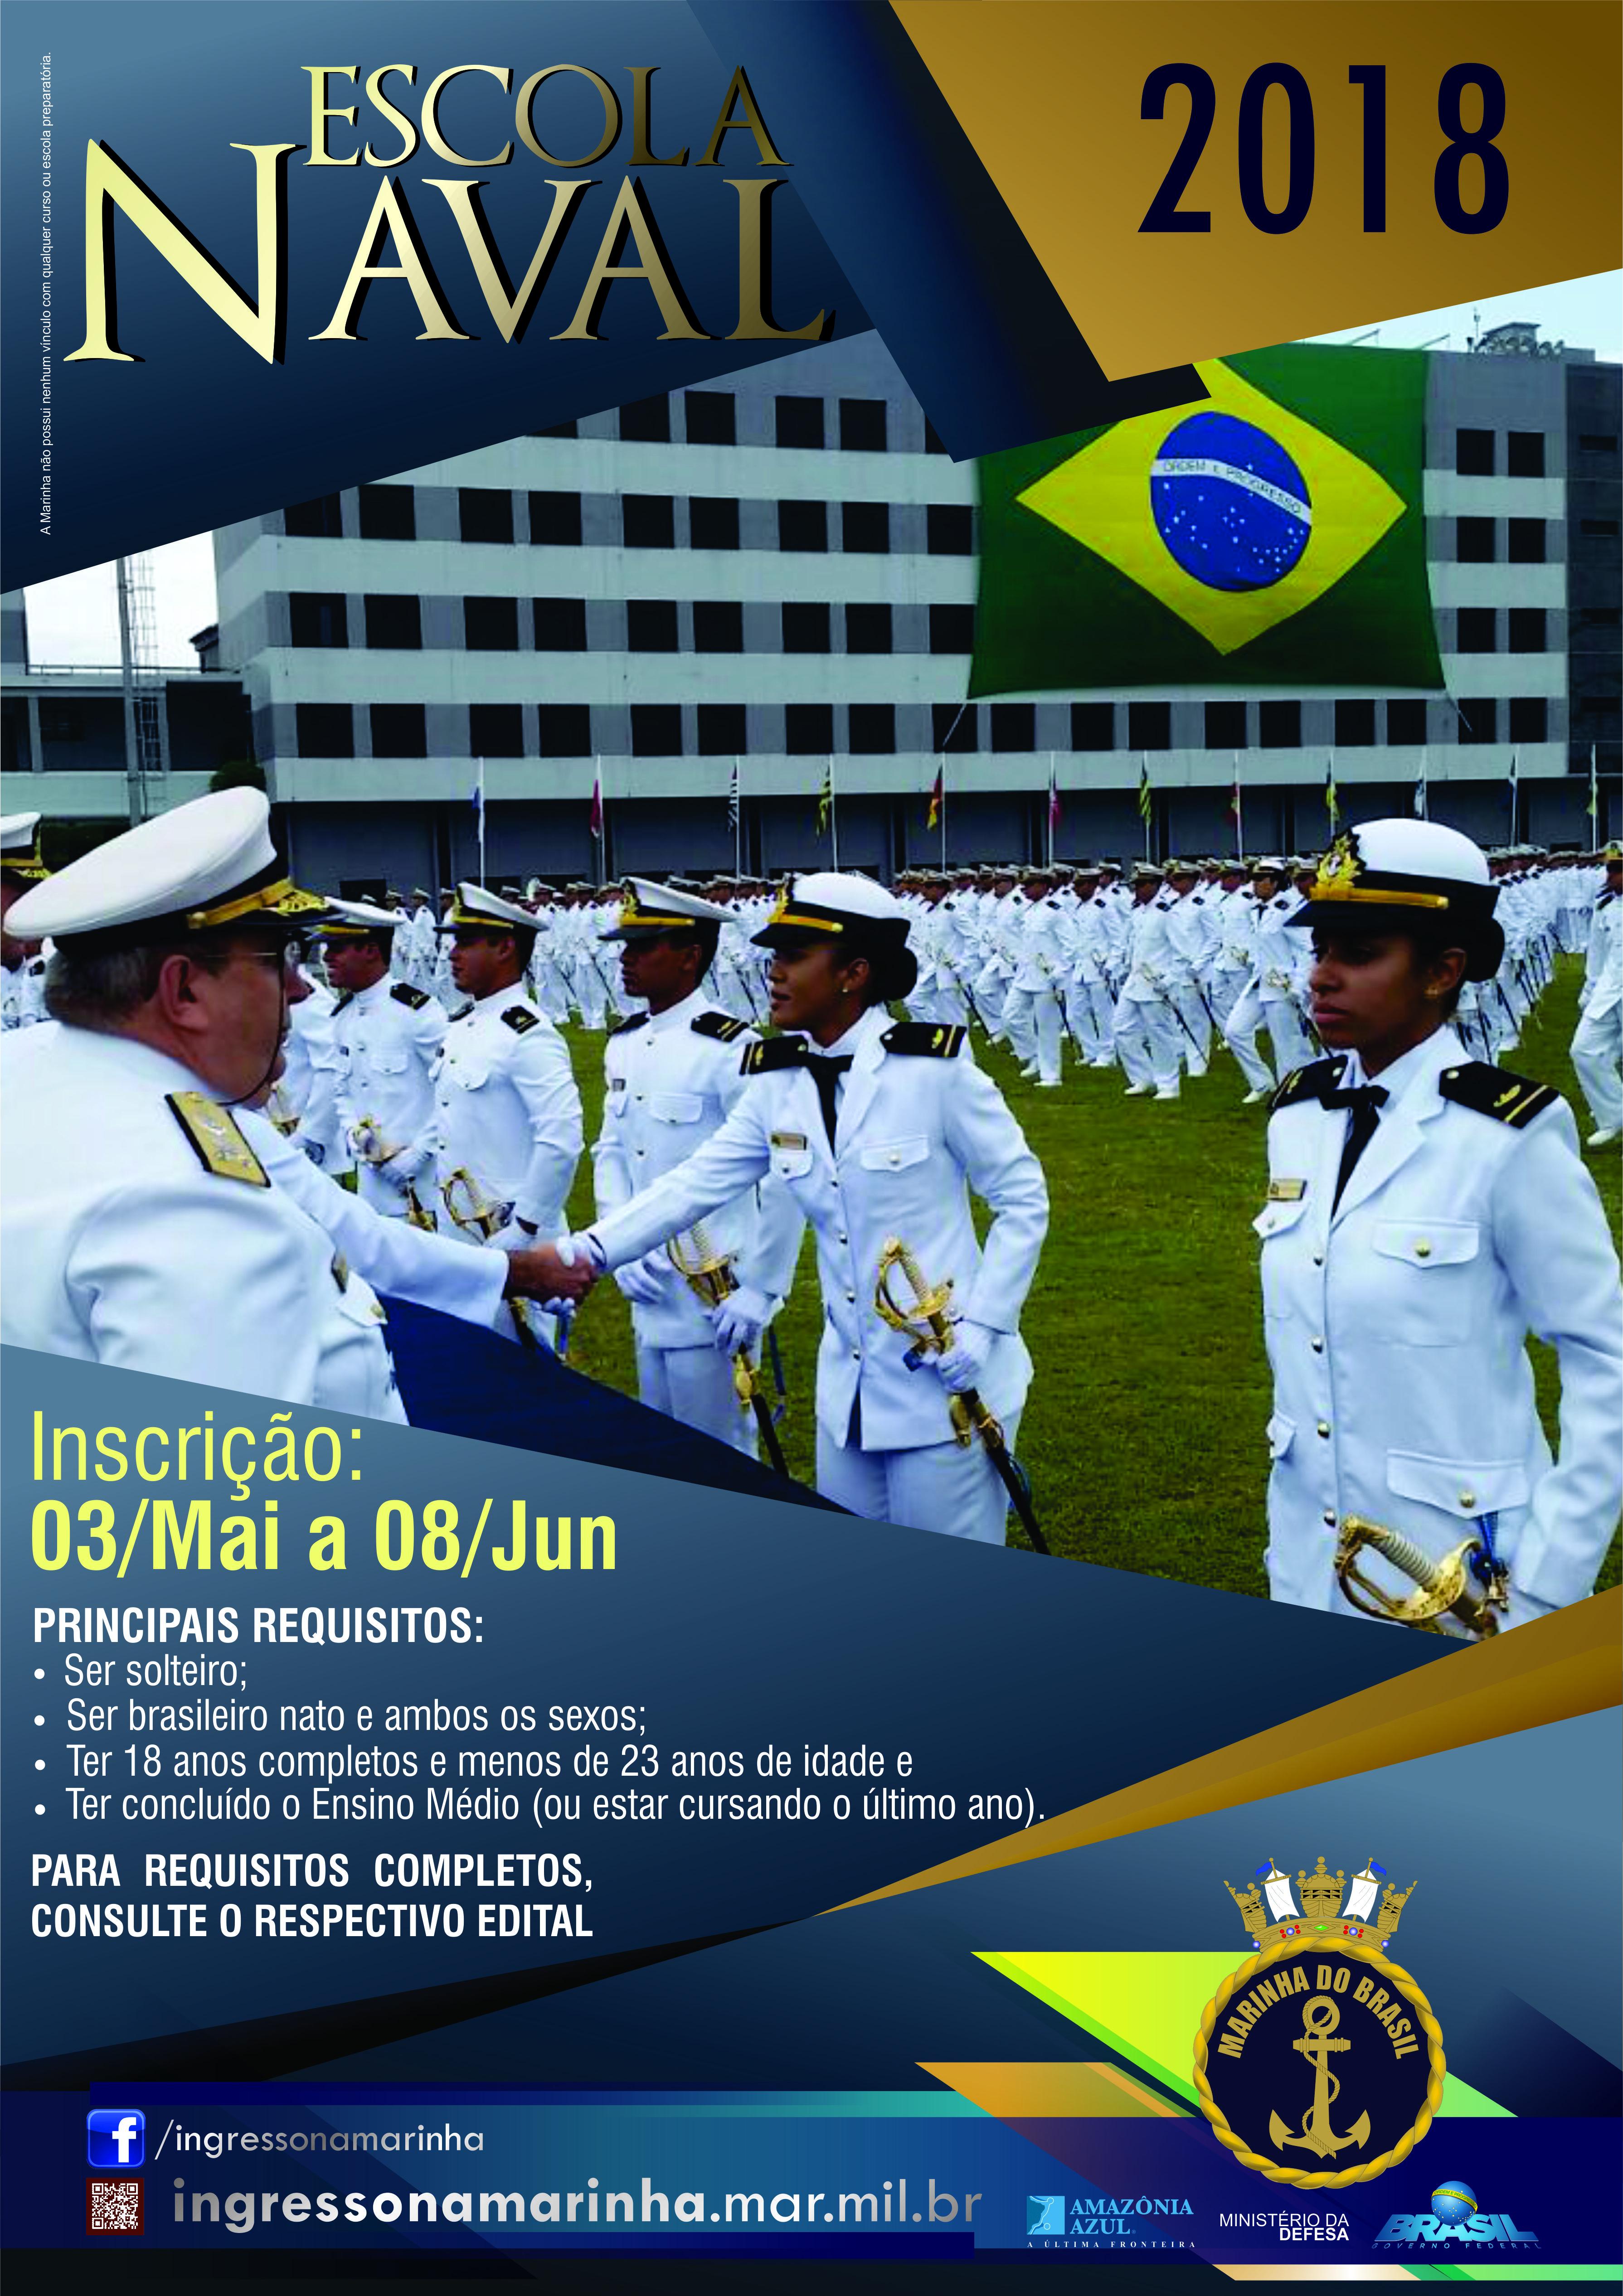 Escola Naval abrirá inscrições no próximo mês